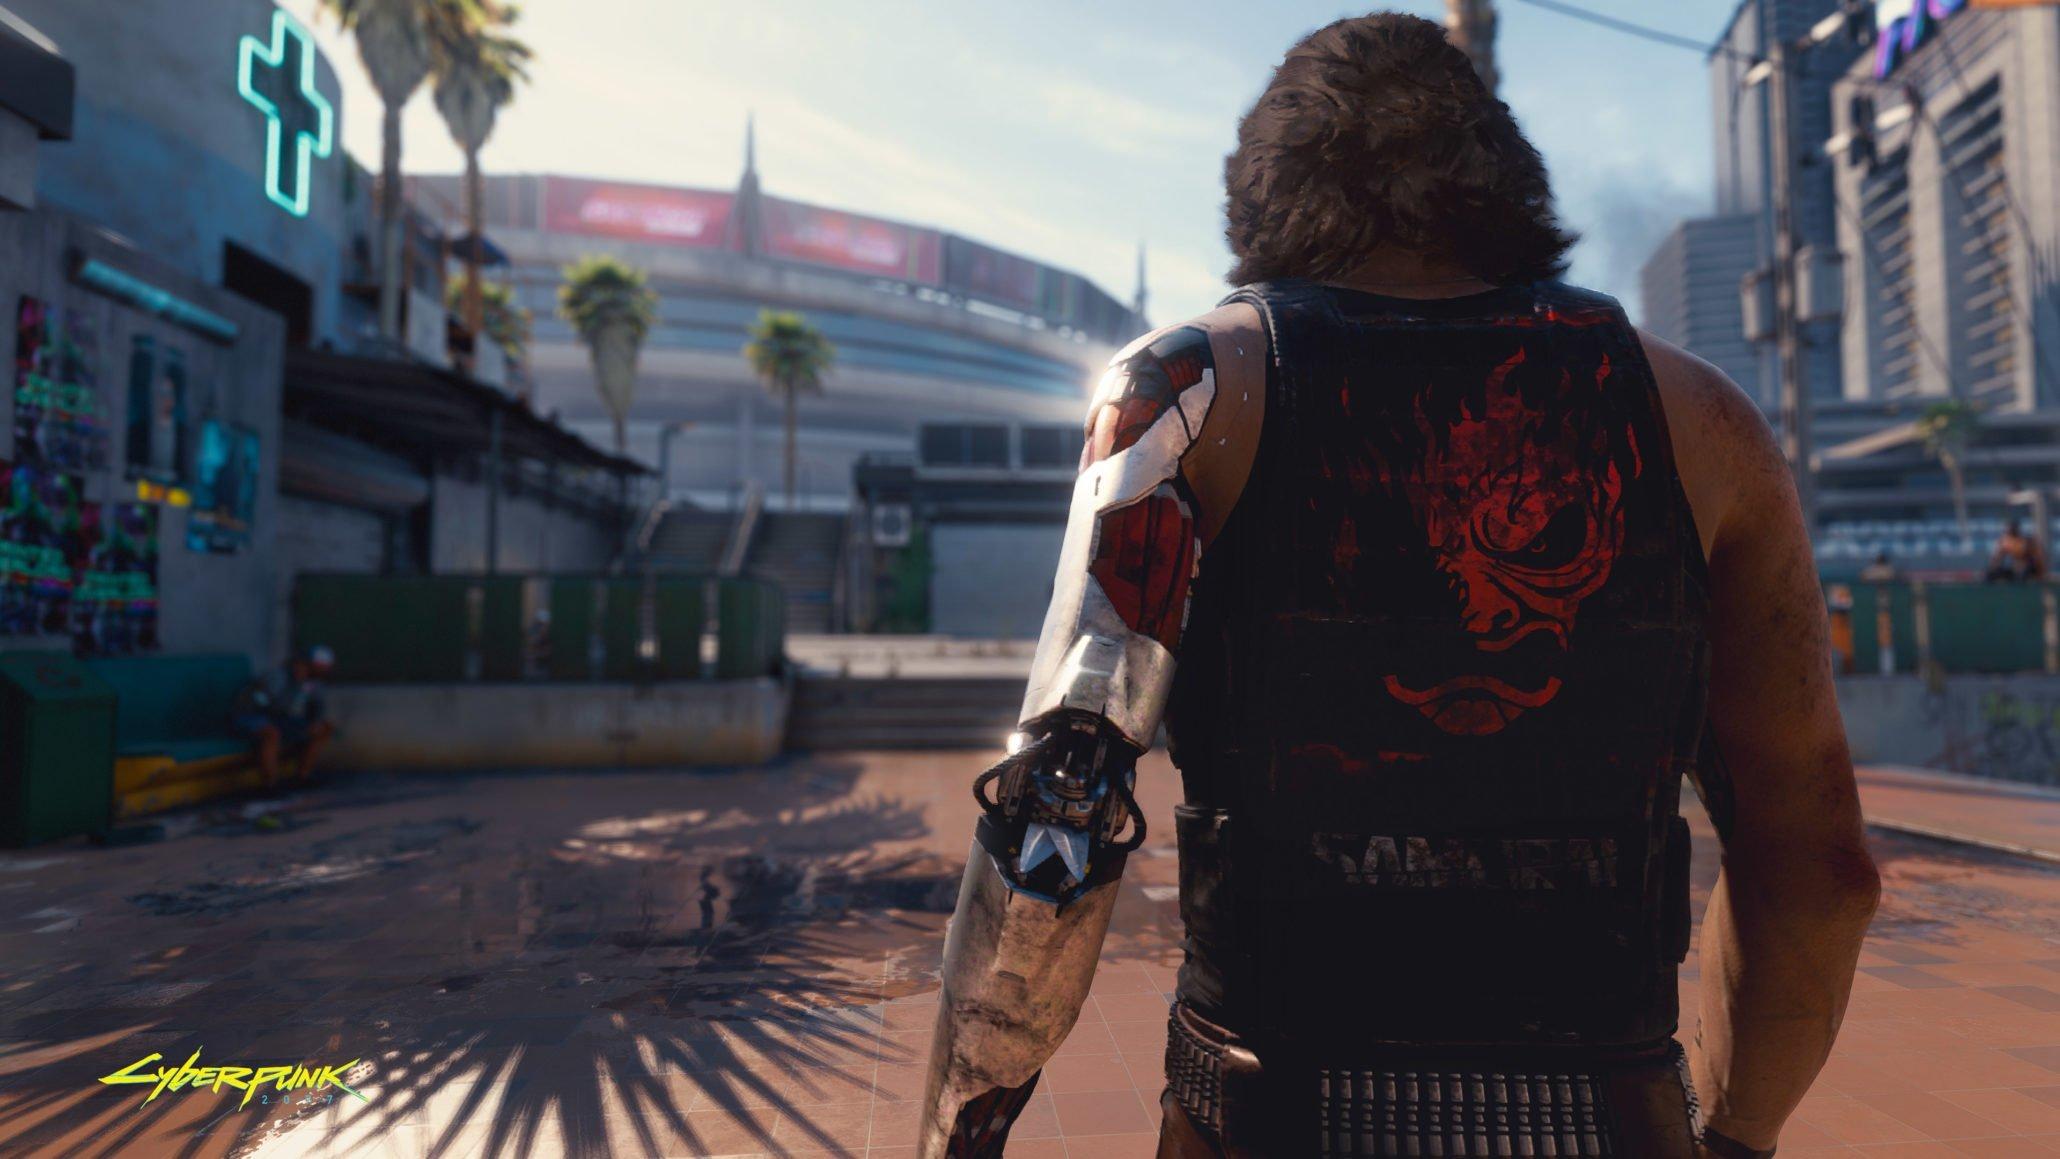 O sistema corpo a corpo do Cyberpunk 2077 foi bastante aprimorado desde a E3; Design de níveis é muito melhor que o Witcher 3!